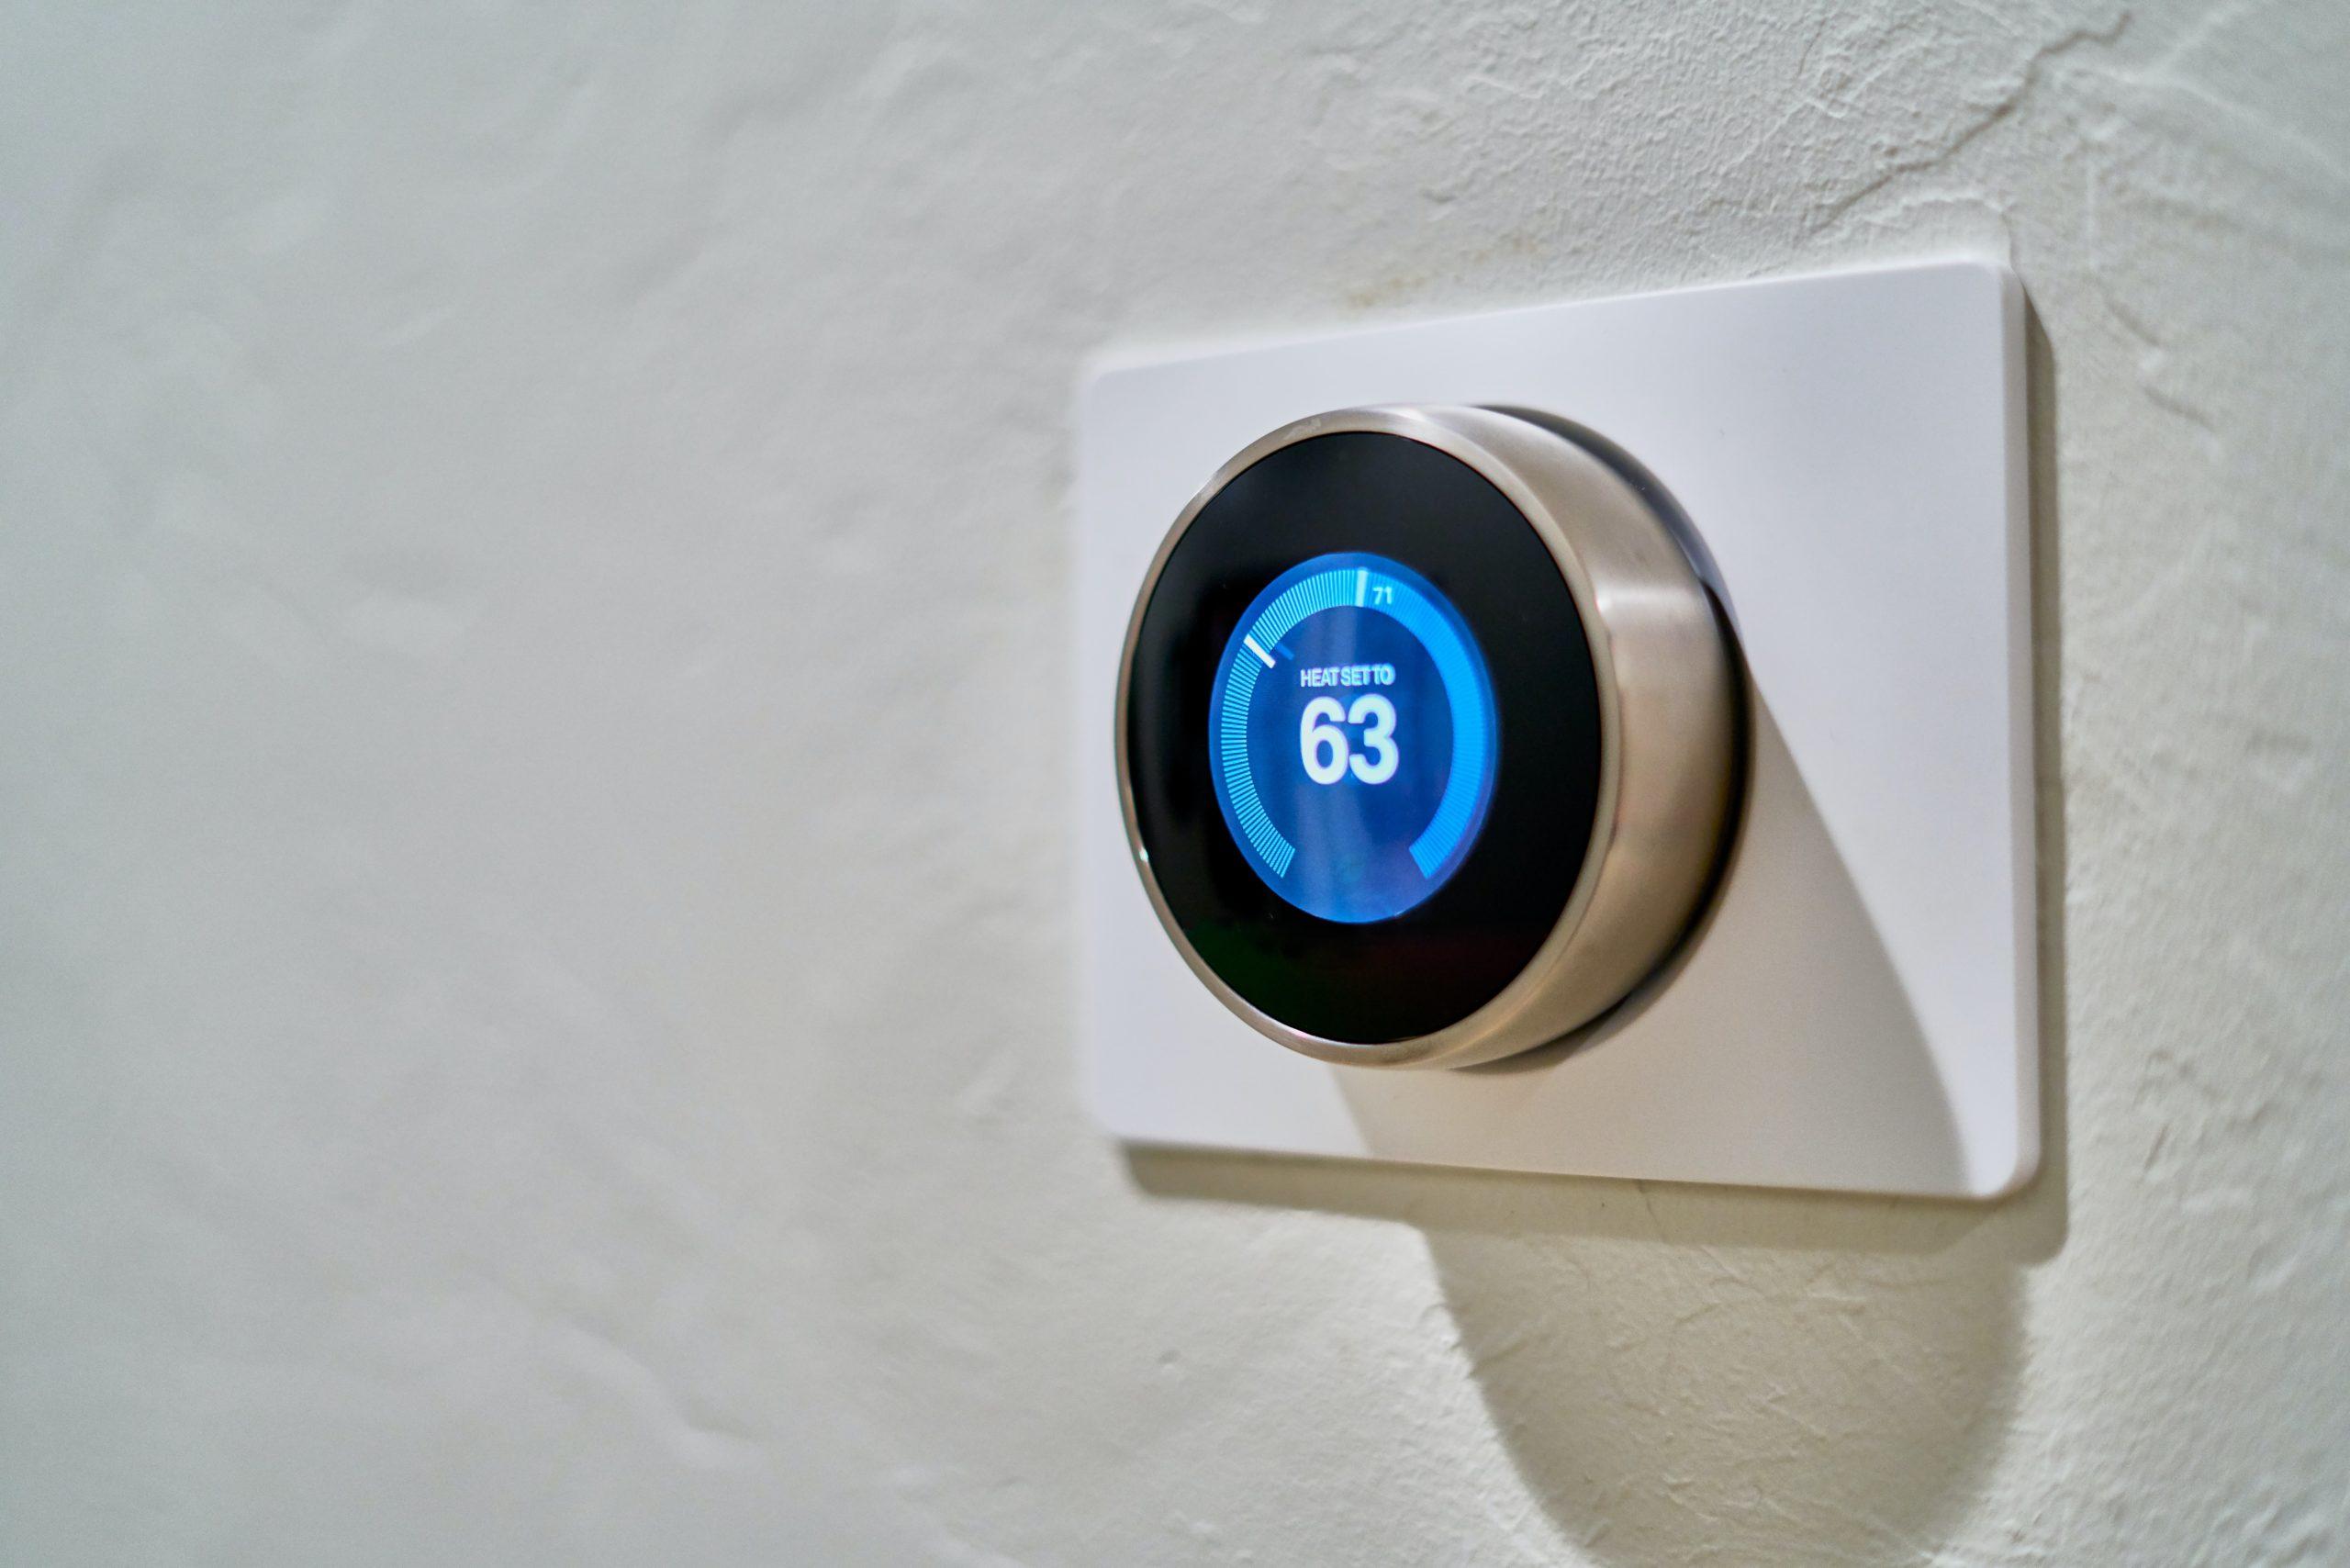 Nest Smart Meter